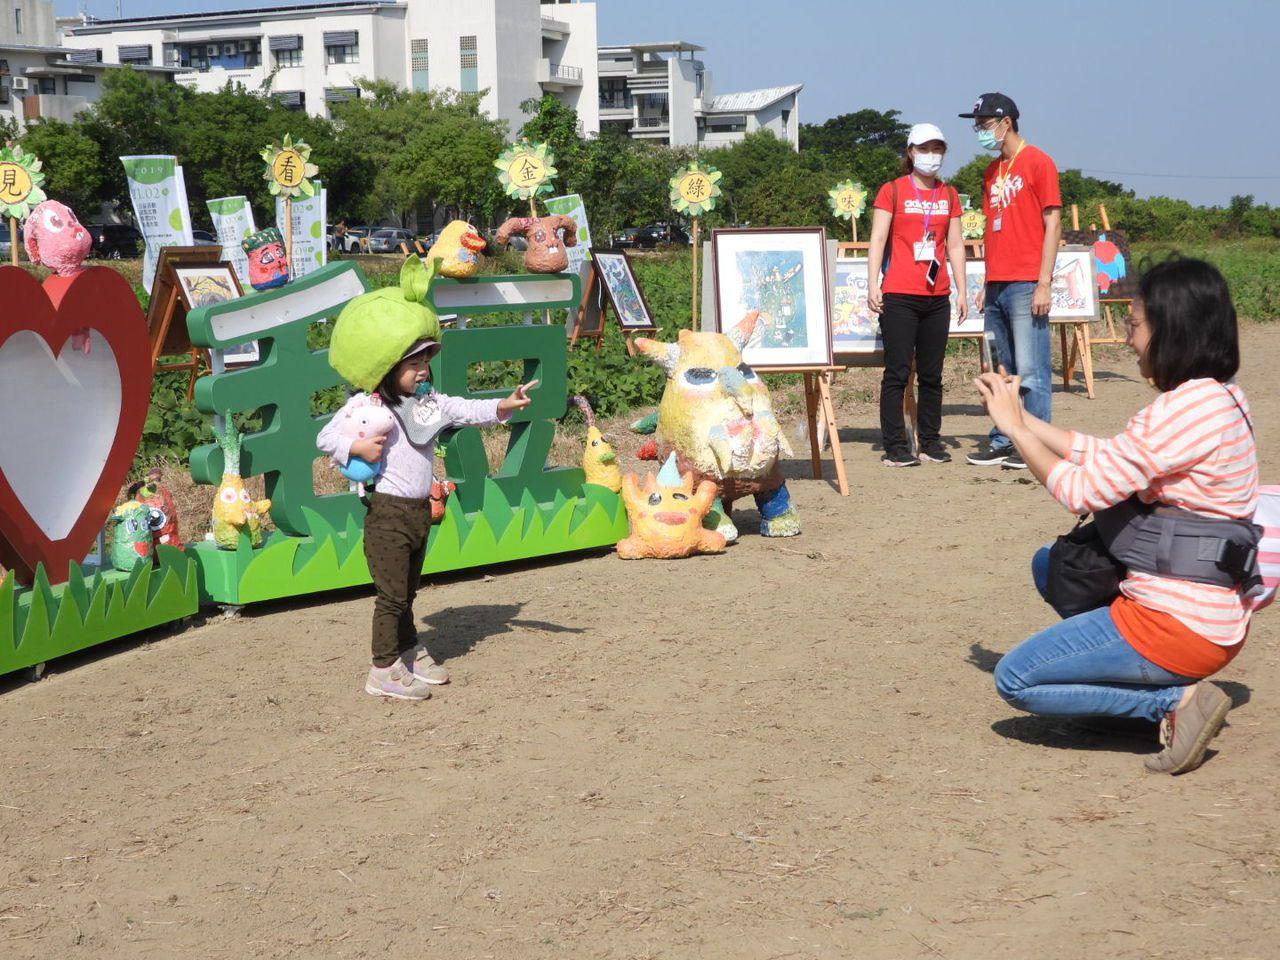 台南新市毛豆節嘉年華登場,大批親子參加。記者周宗禎/攝影